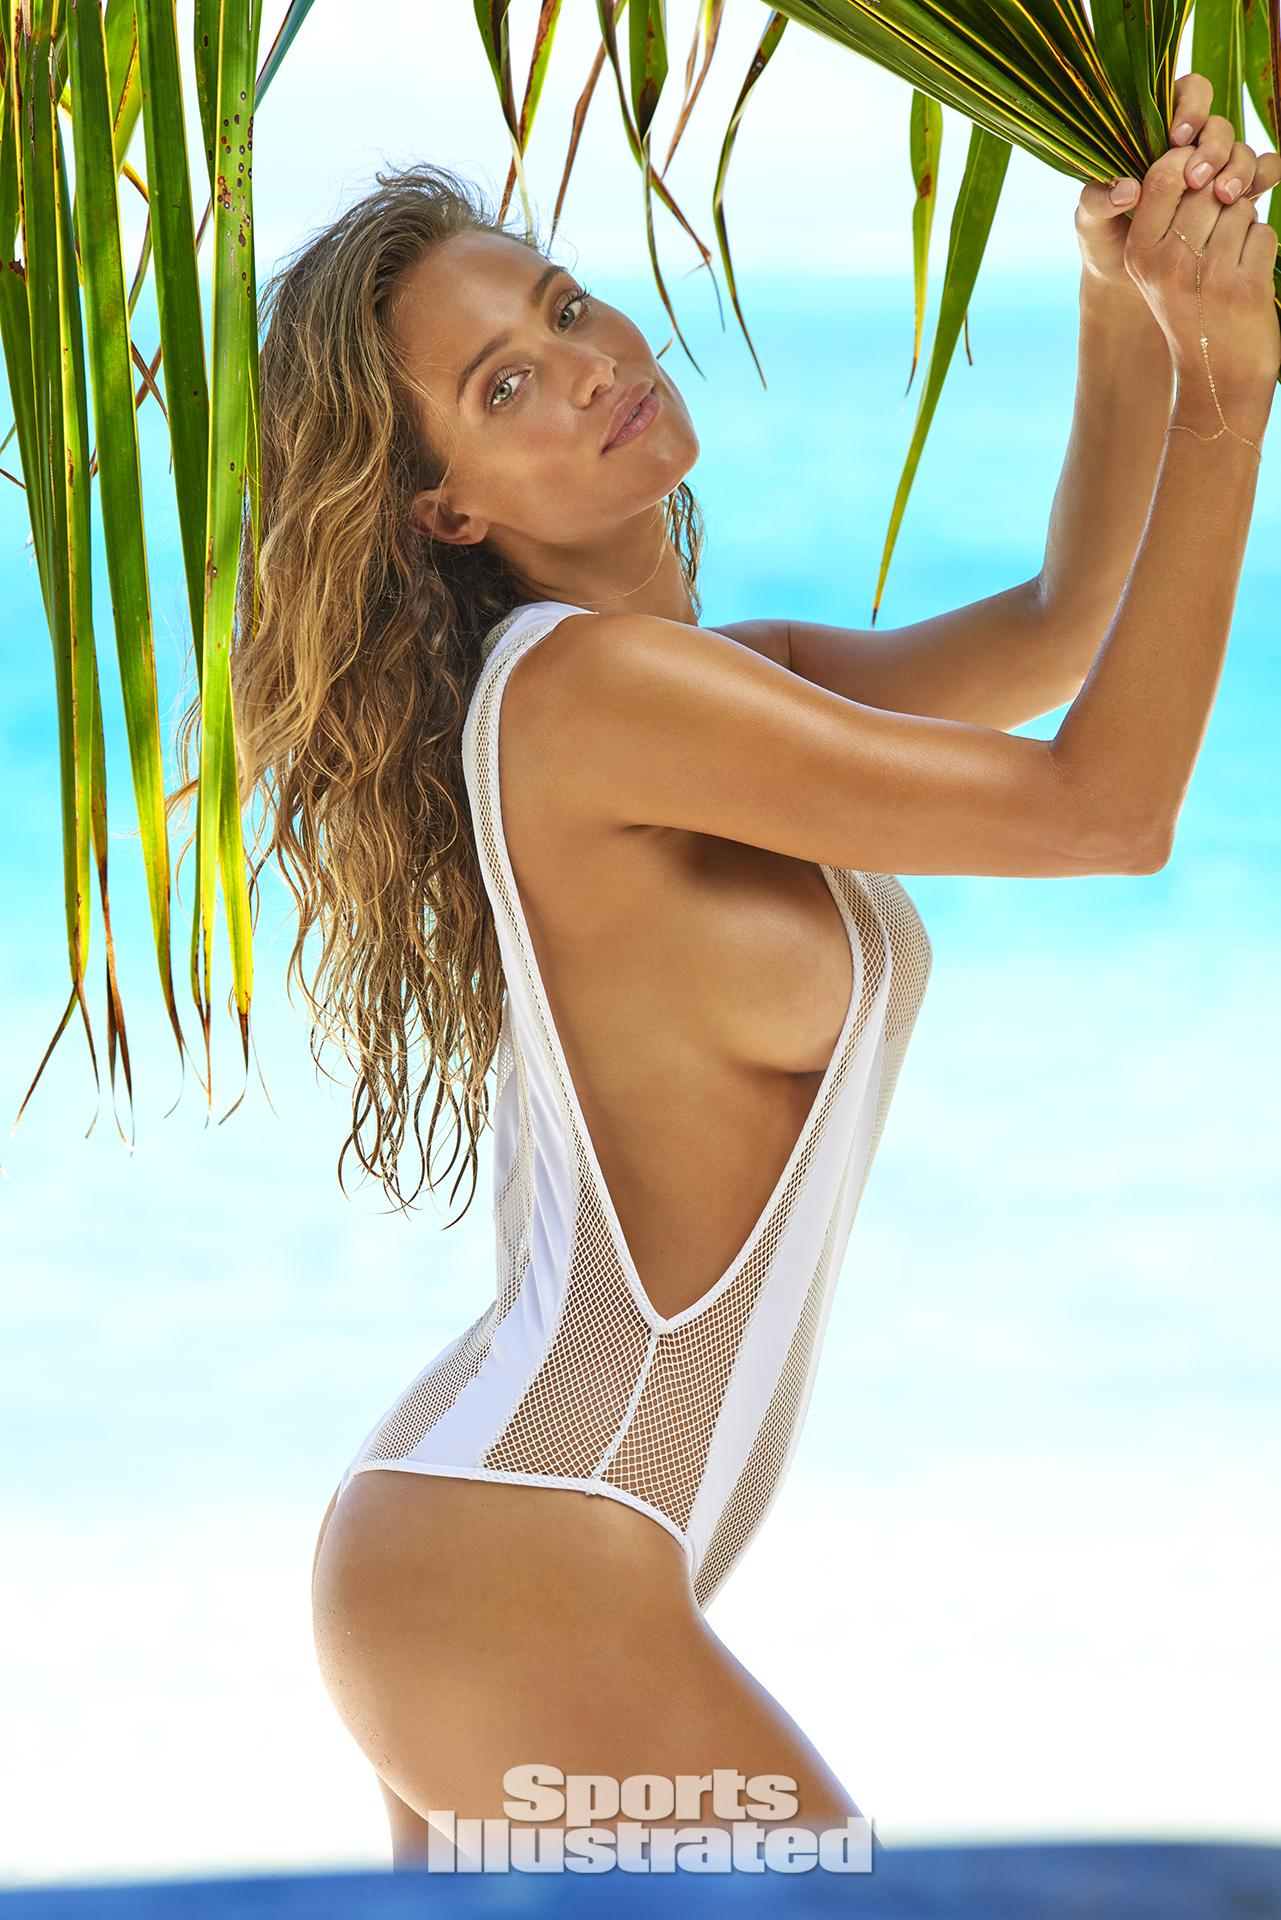 Naked Hannah Davis nudes (73 photos), Ass, Leaked, Boobs, cameltoe 2015